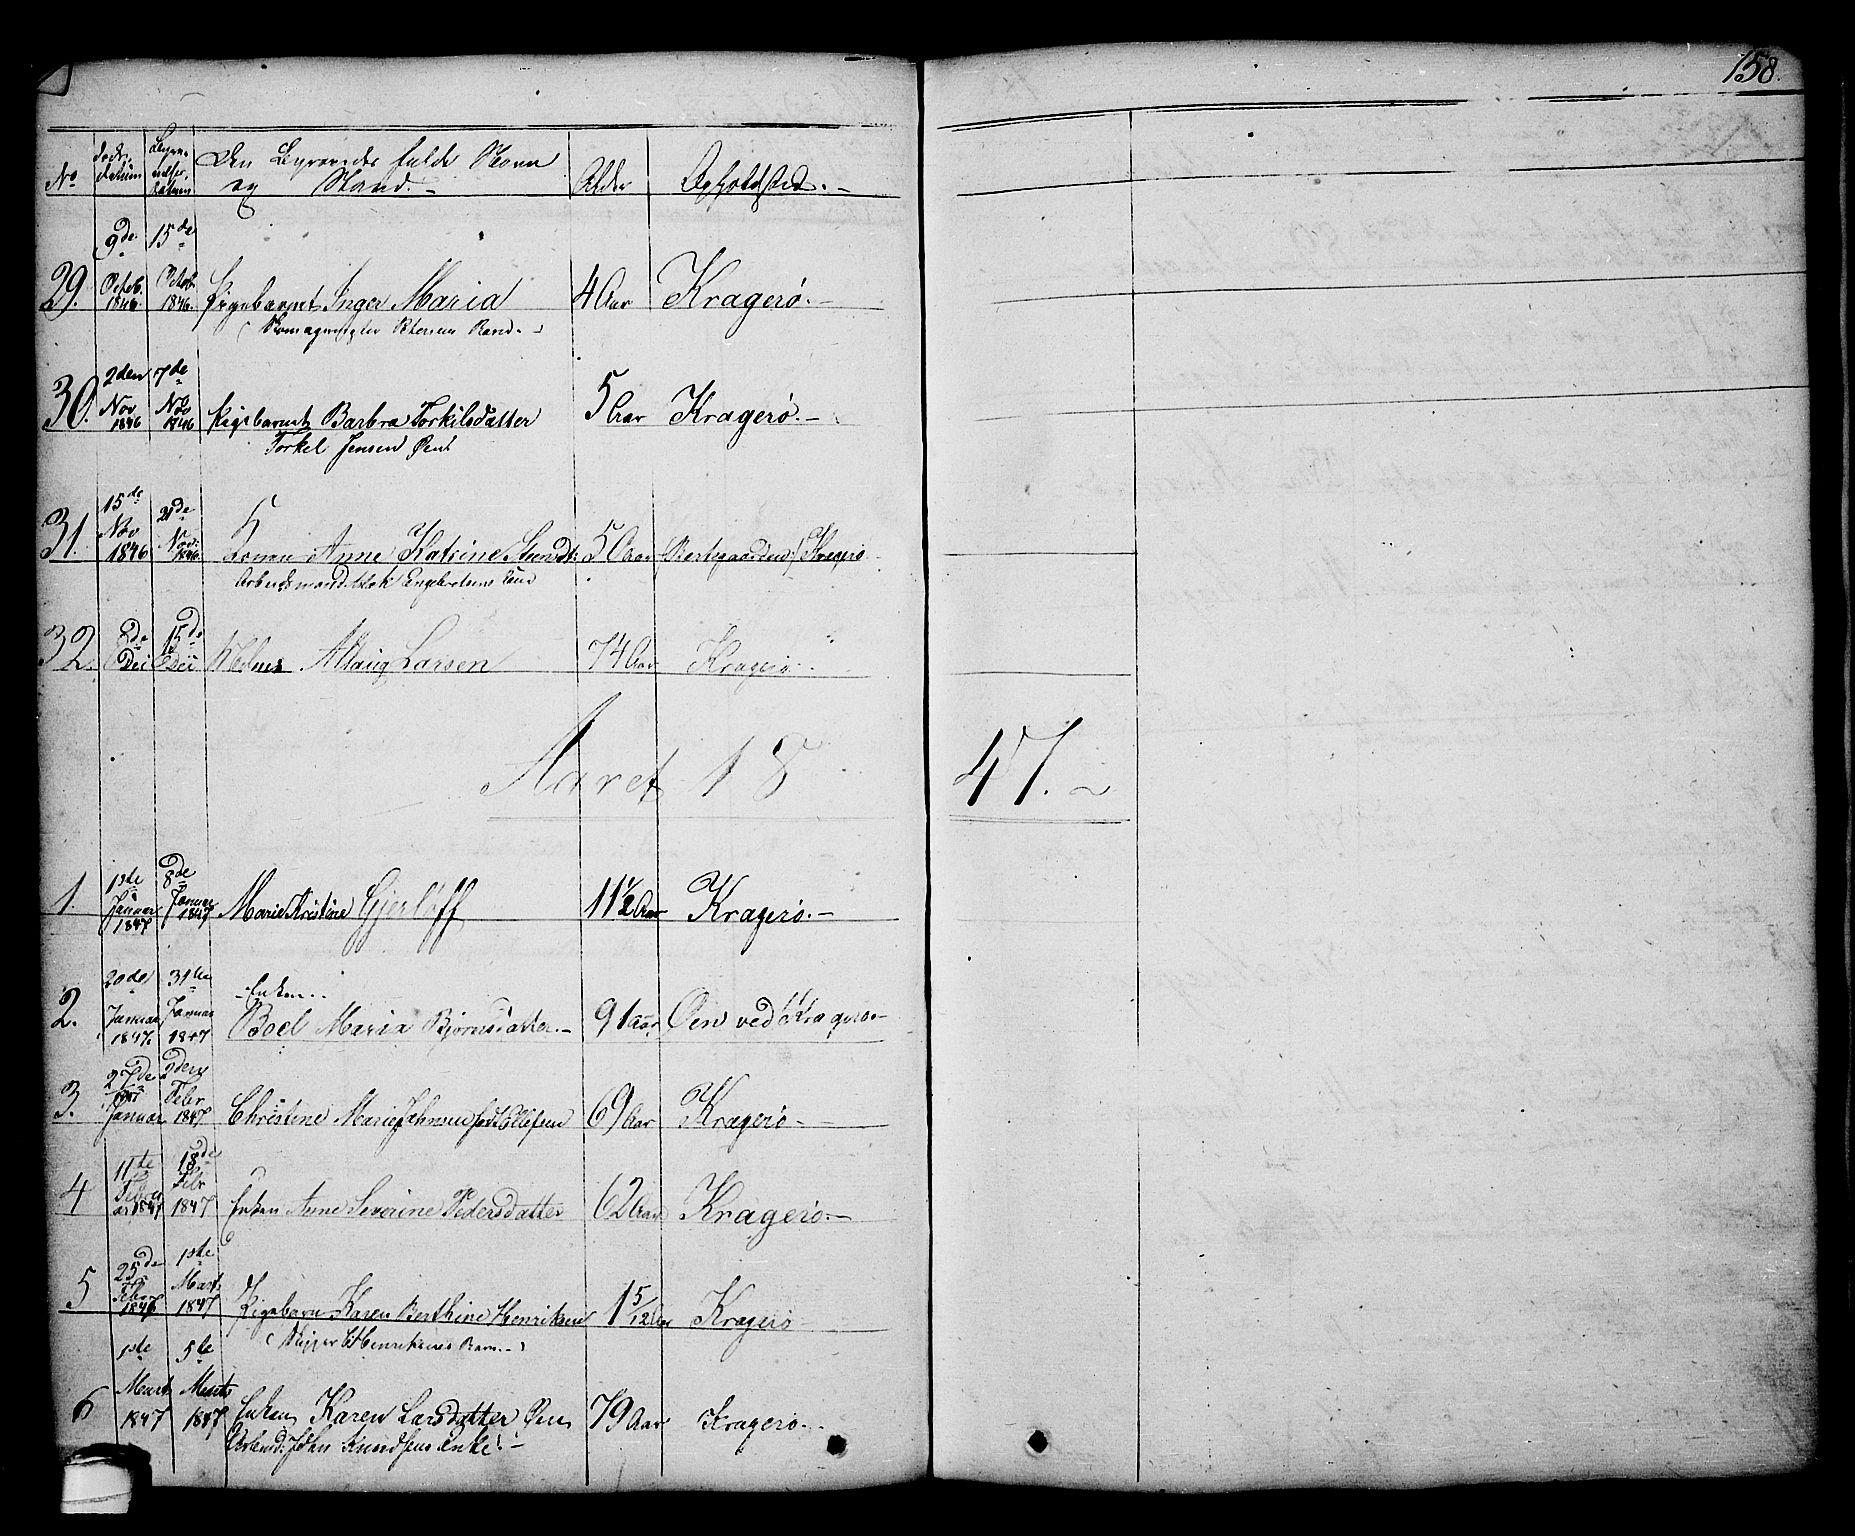 SAKO, Kragerø kirkebøker, G/Ga/L0003: Klokkerbok nr. 3, 1832-1852, s. 158